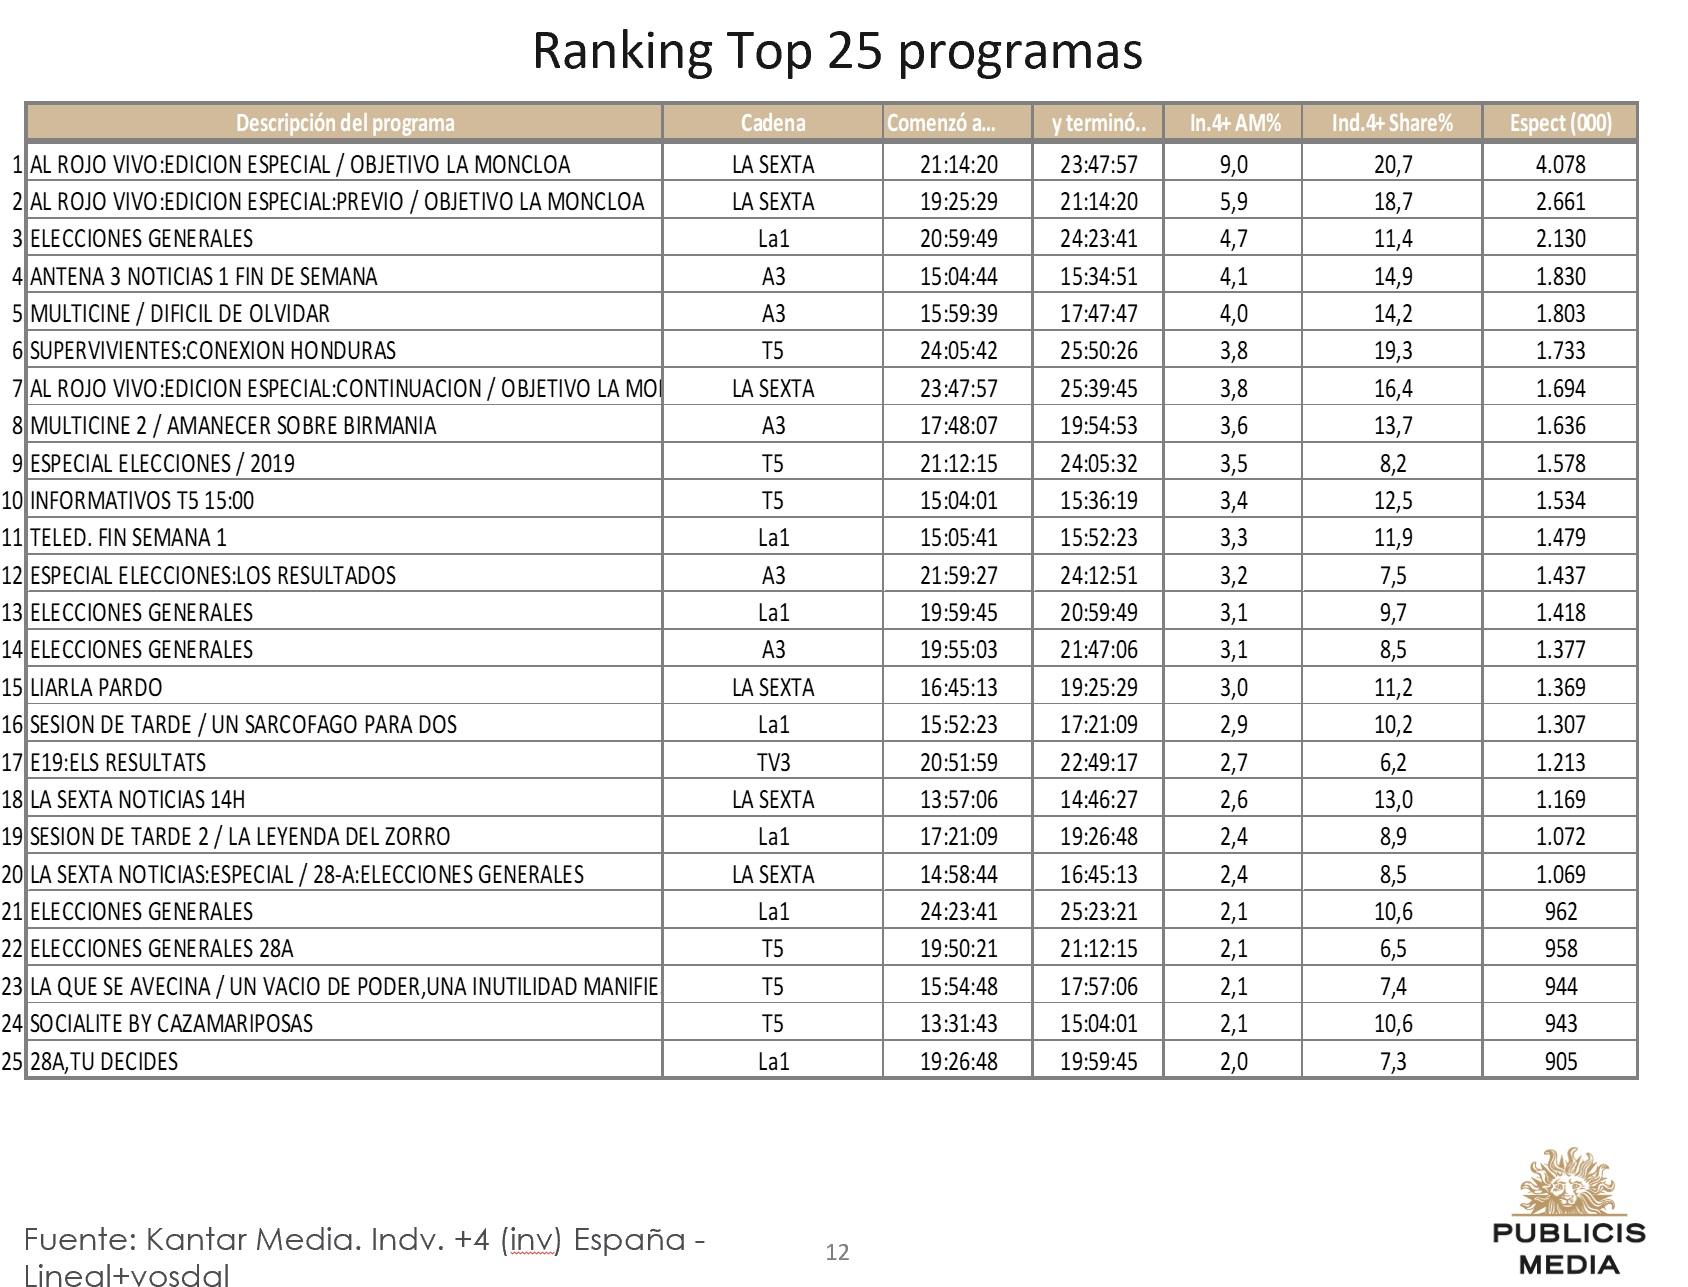 https://www.programapublicidad.com/wp-content/uploads/2019/04/Top-25-Publicis-media-28-abril-2019-programapublicidad-muy-grande-1.jpg